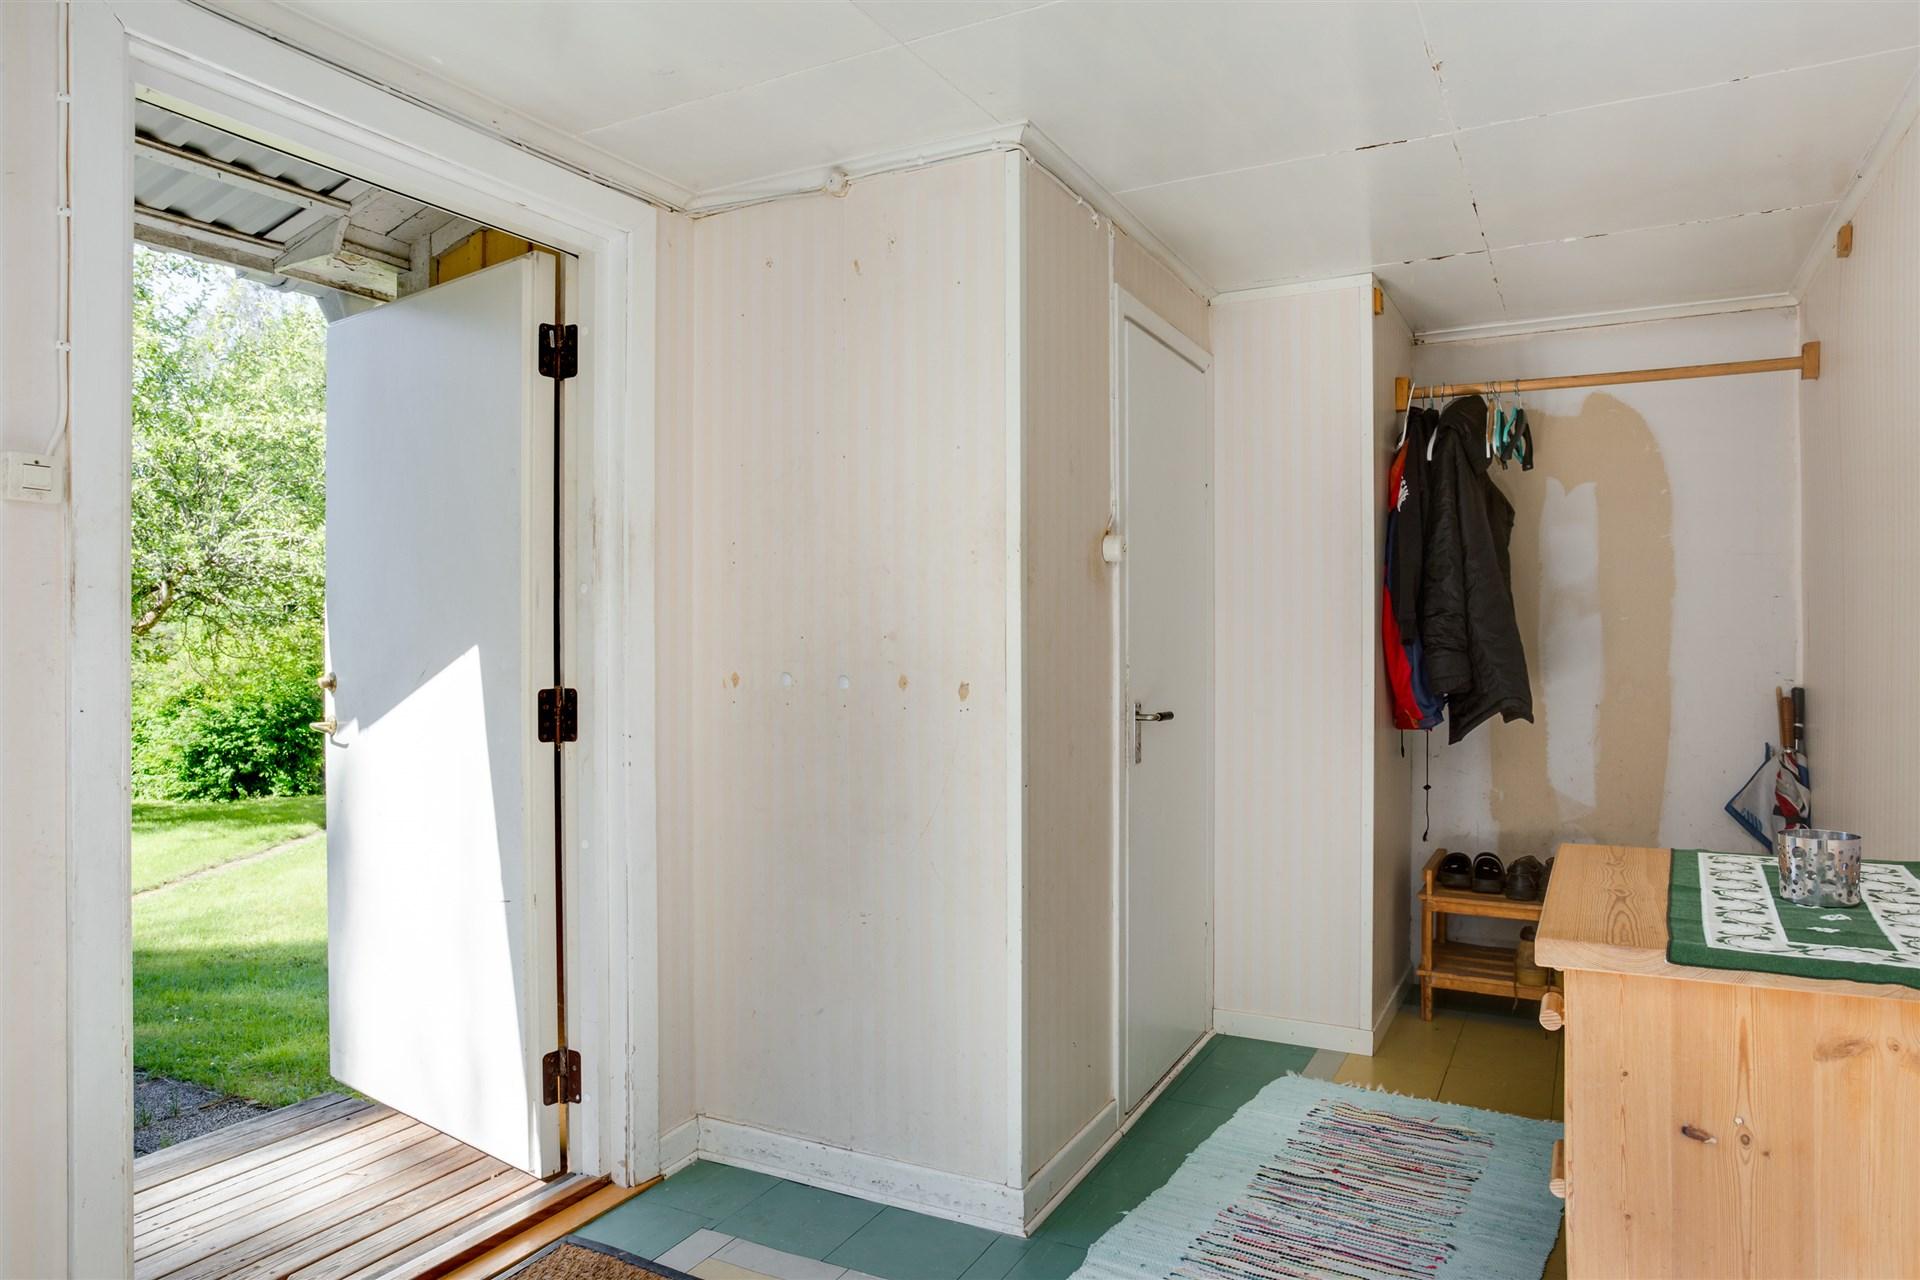 Välkommen in! Ljus hall med plats för kläder och ingång till dusch/wc.